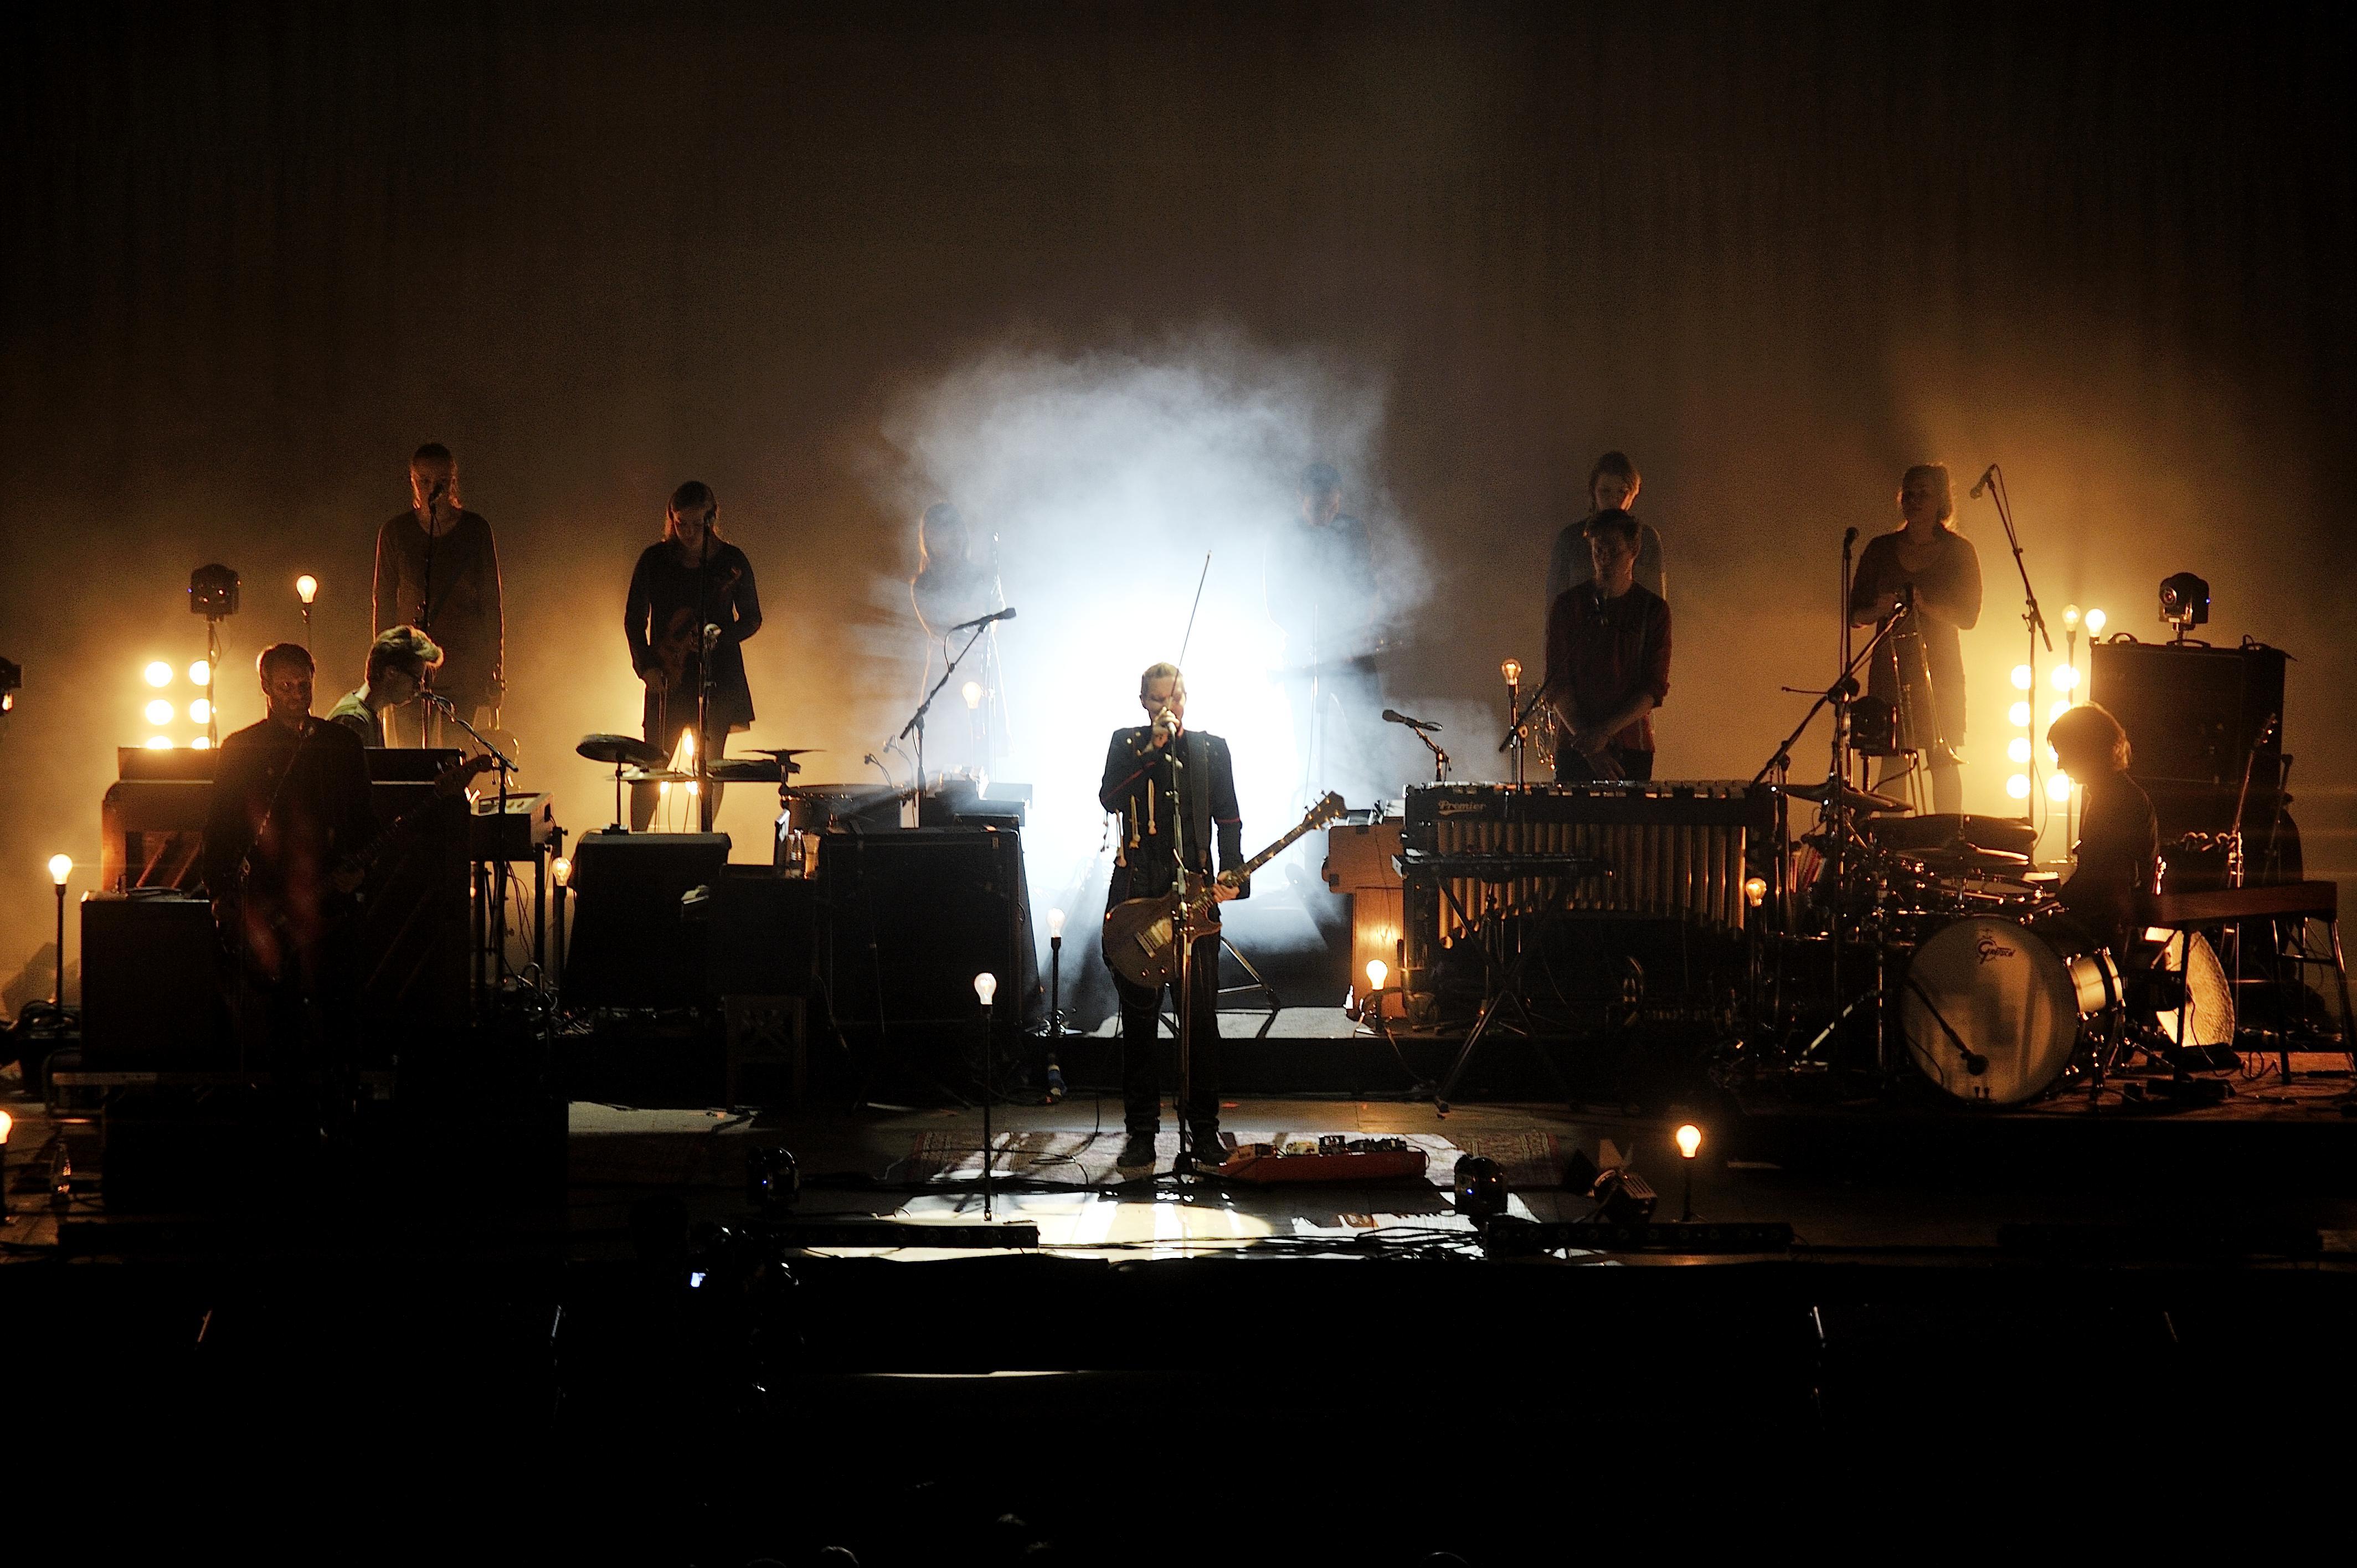 Sigur r s en concierto este fin de semana en barcelona for Eventos en barcelona este fin de semana